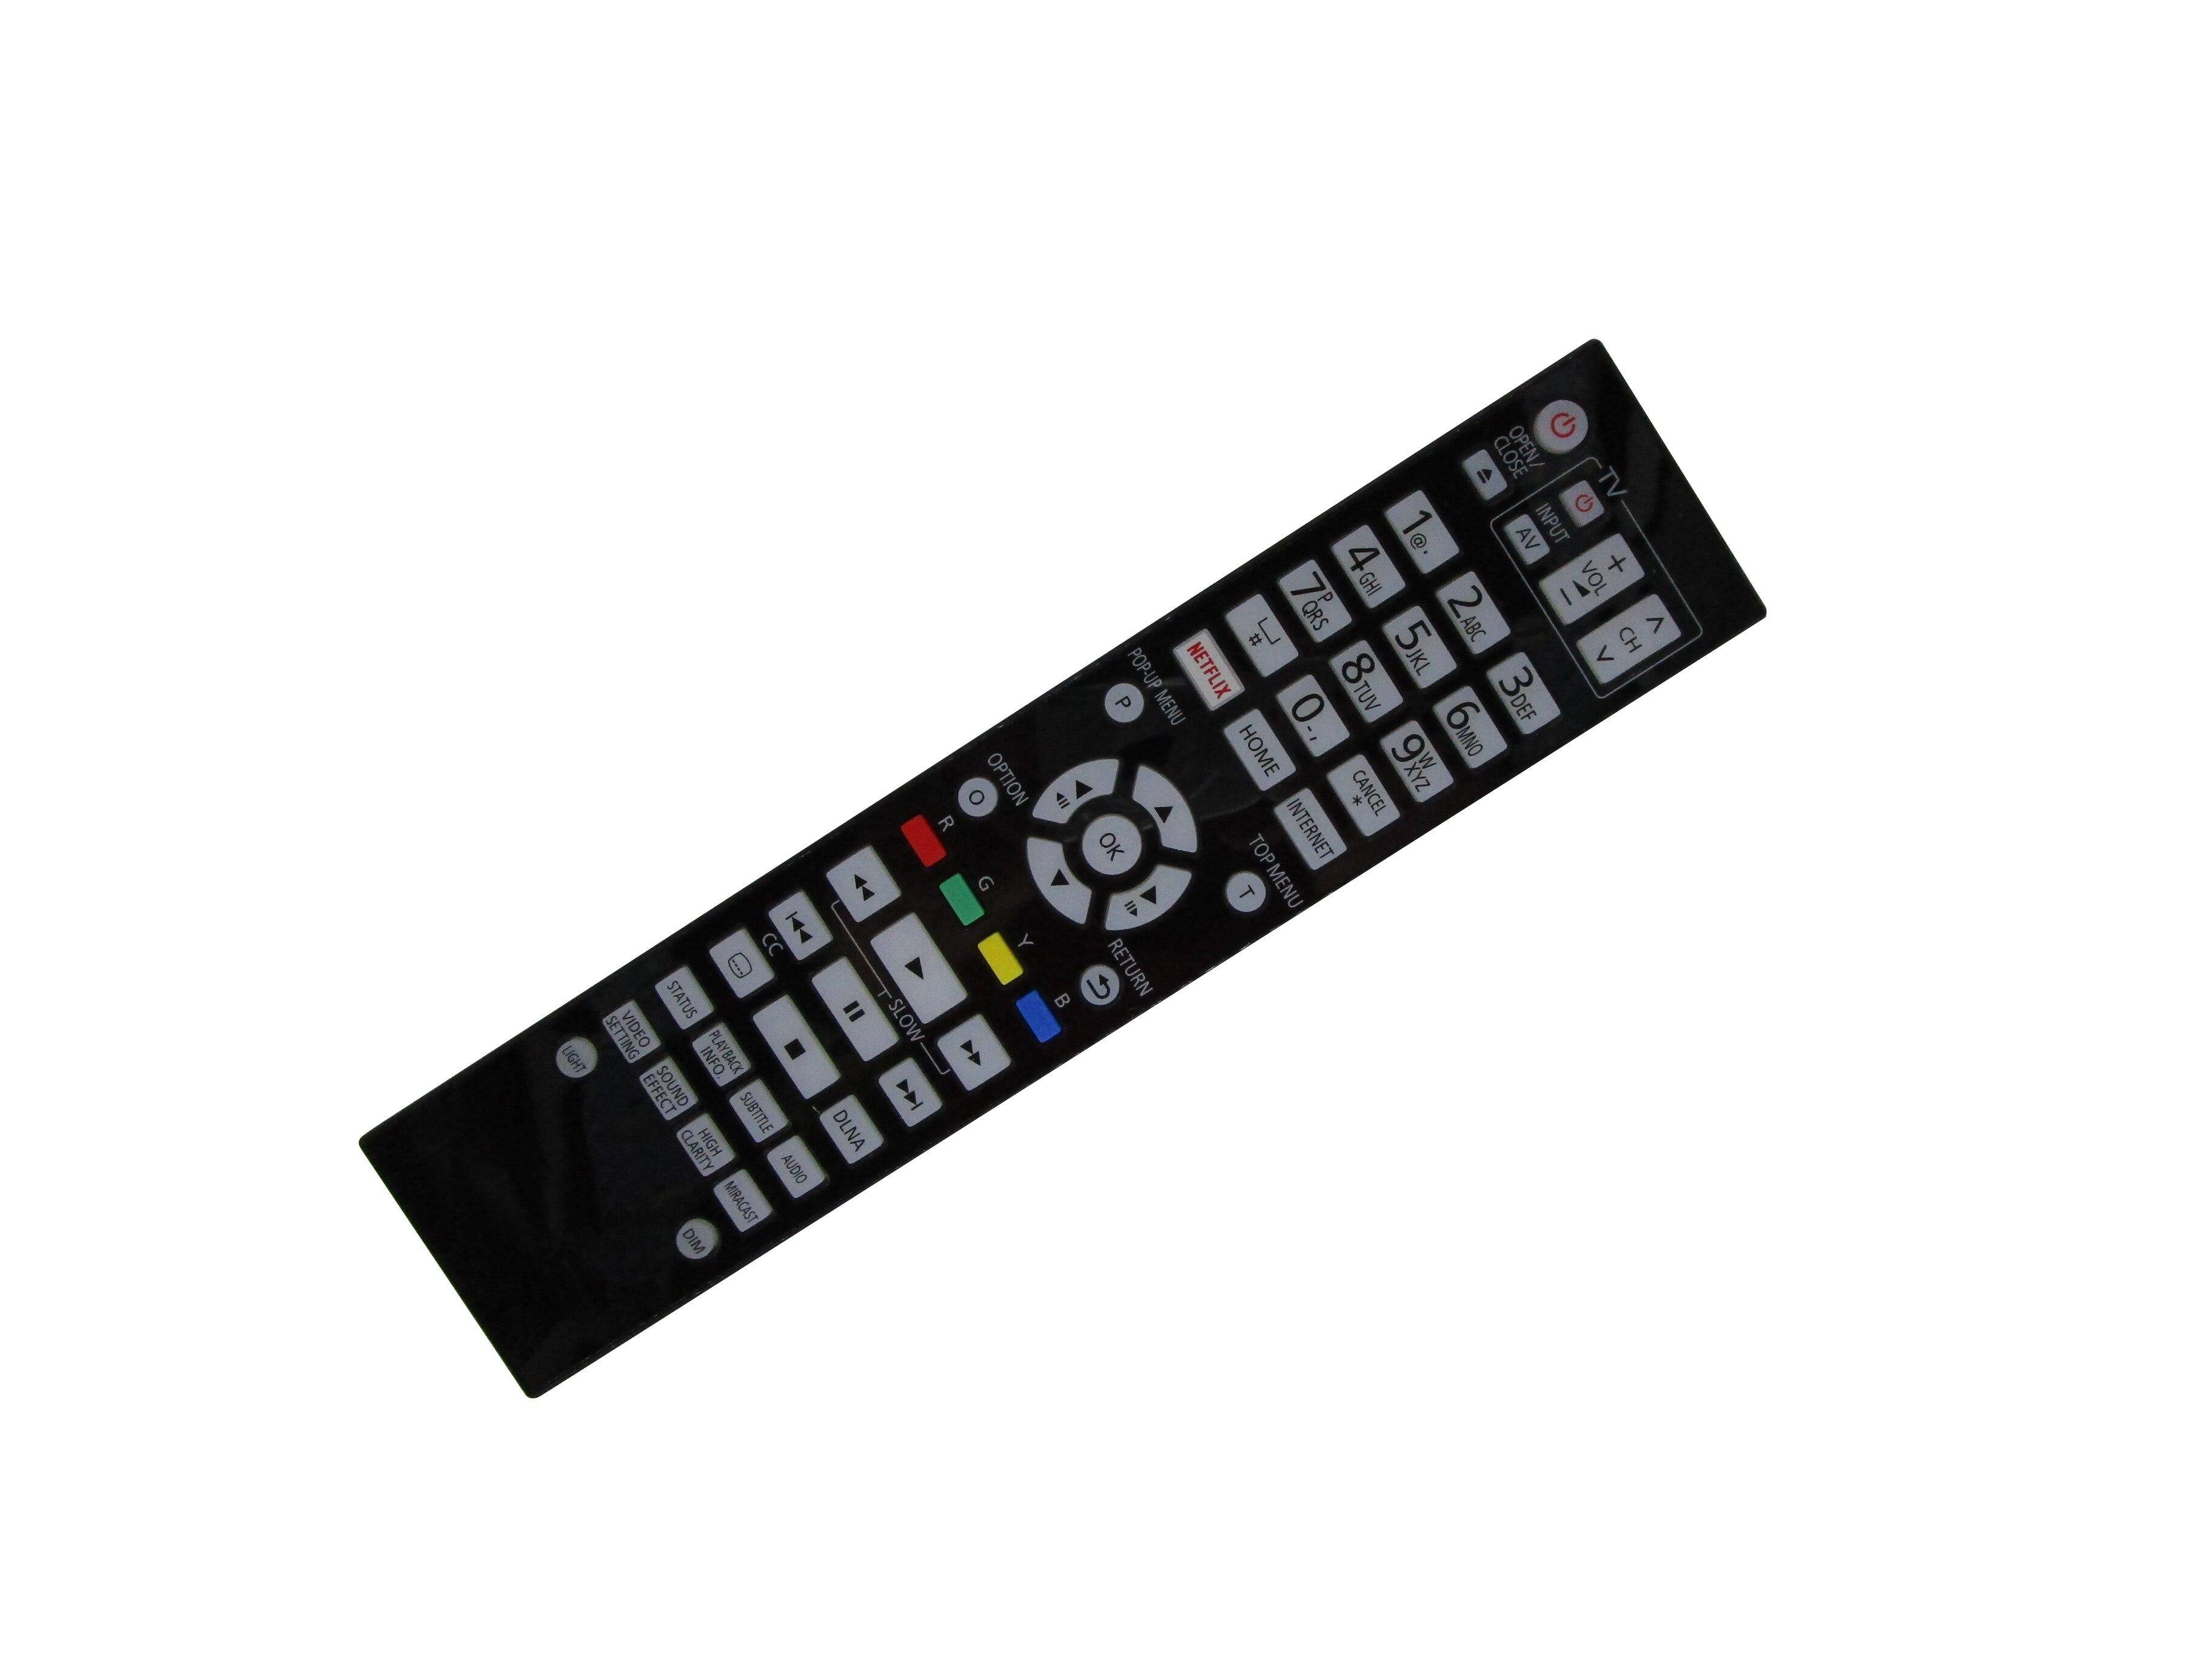 DMP-UB704 Telecomando di ricambio per Panasonic DMP-UB700 DMP-UB704EGK DMP-UB700EGK DMP-UB700EFK DMP-UB700EBK